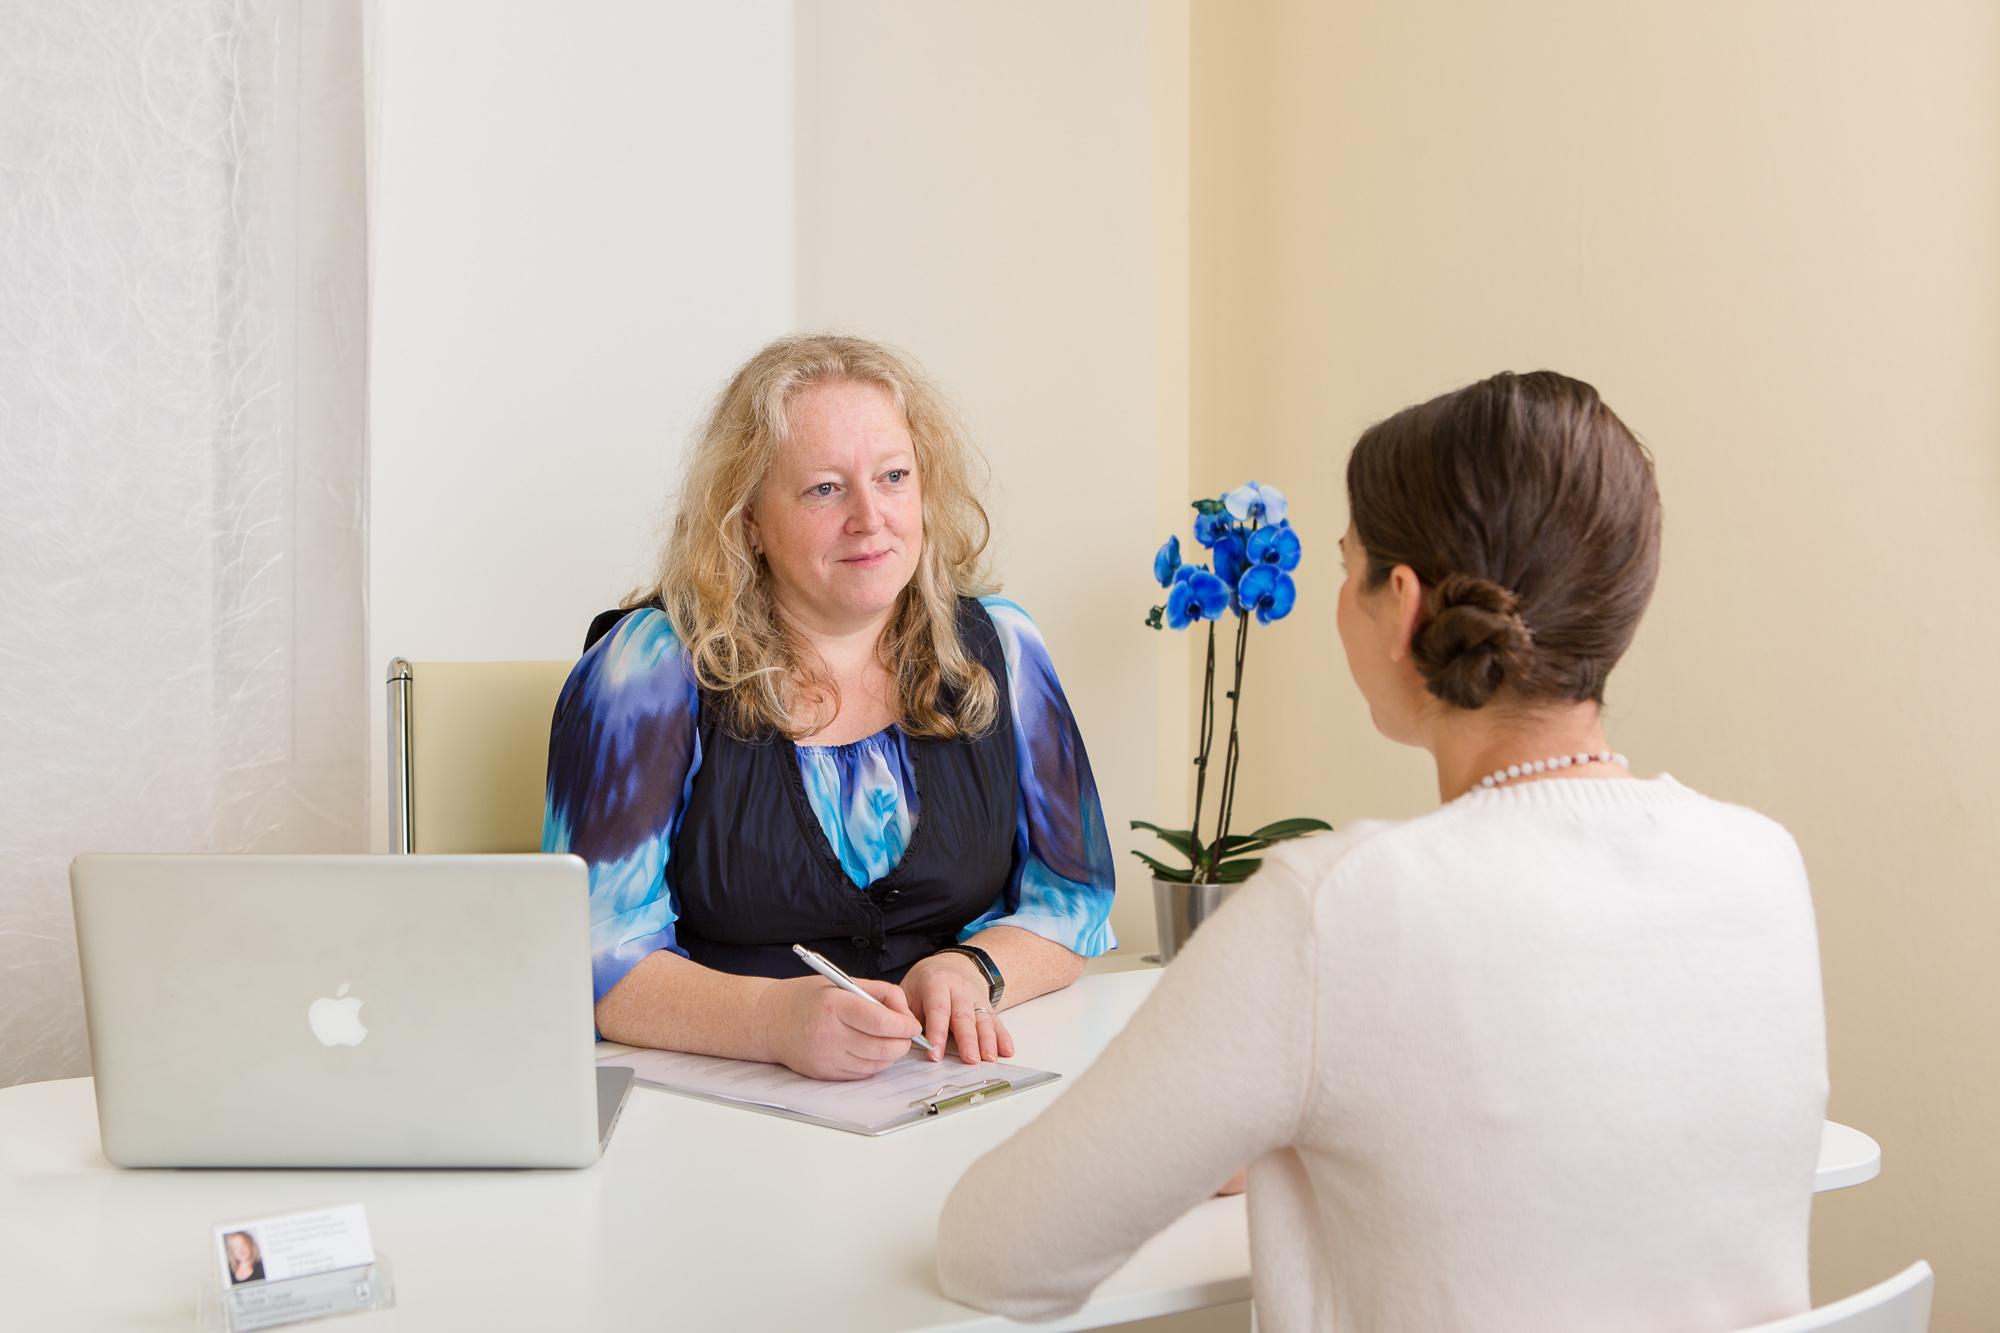 Praxis für Psychotherapie (Heilpraktikergesetz), Stress-Management Beratung und Hypnose